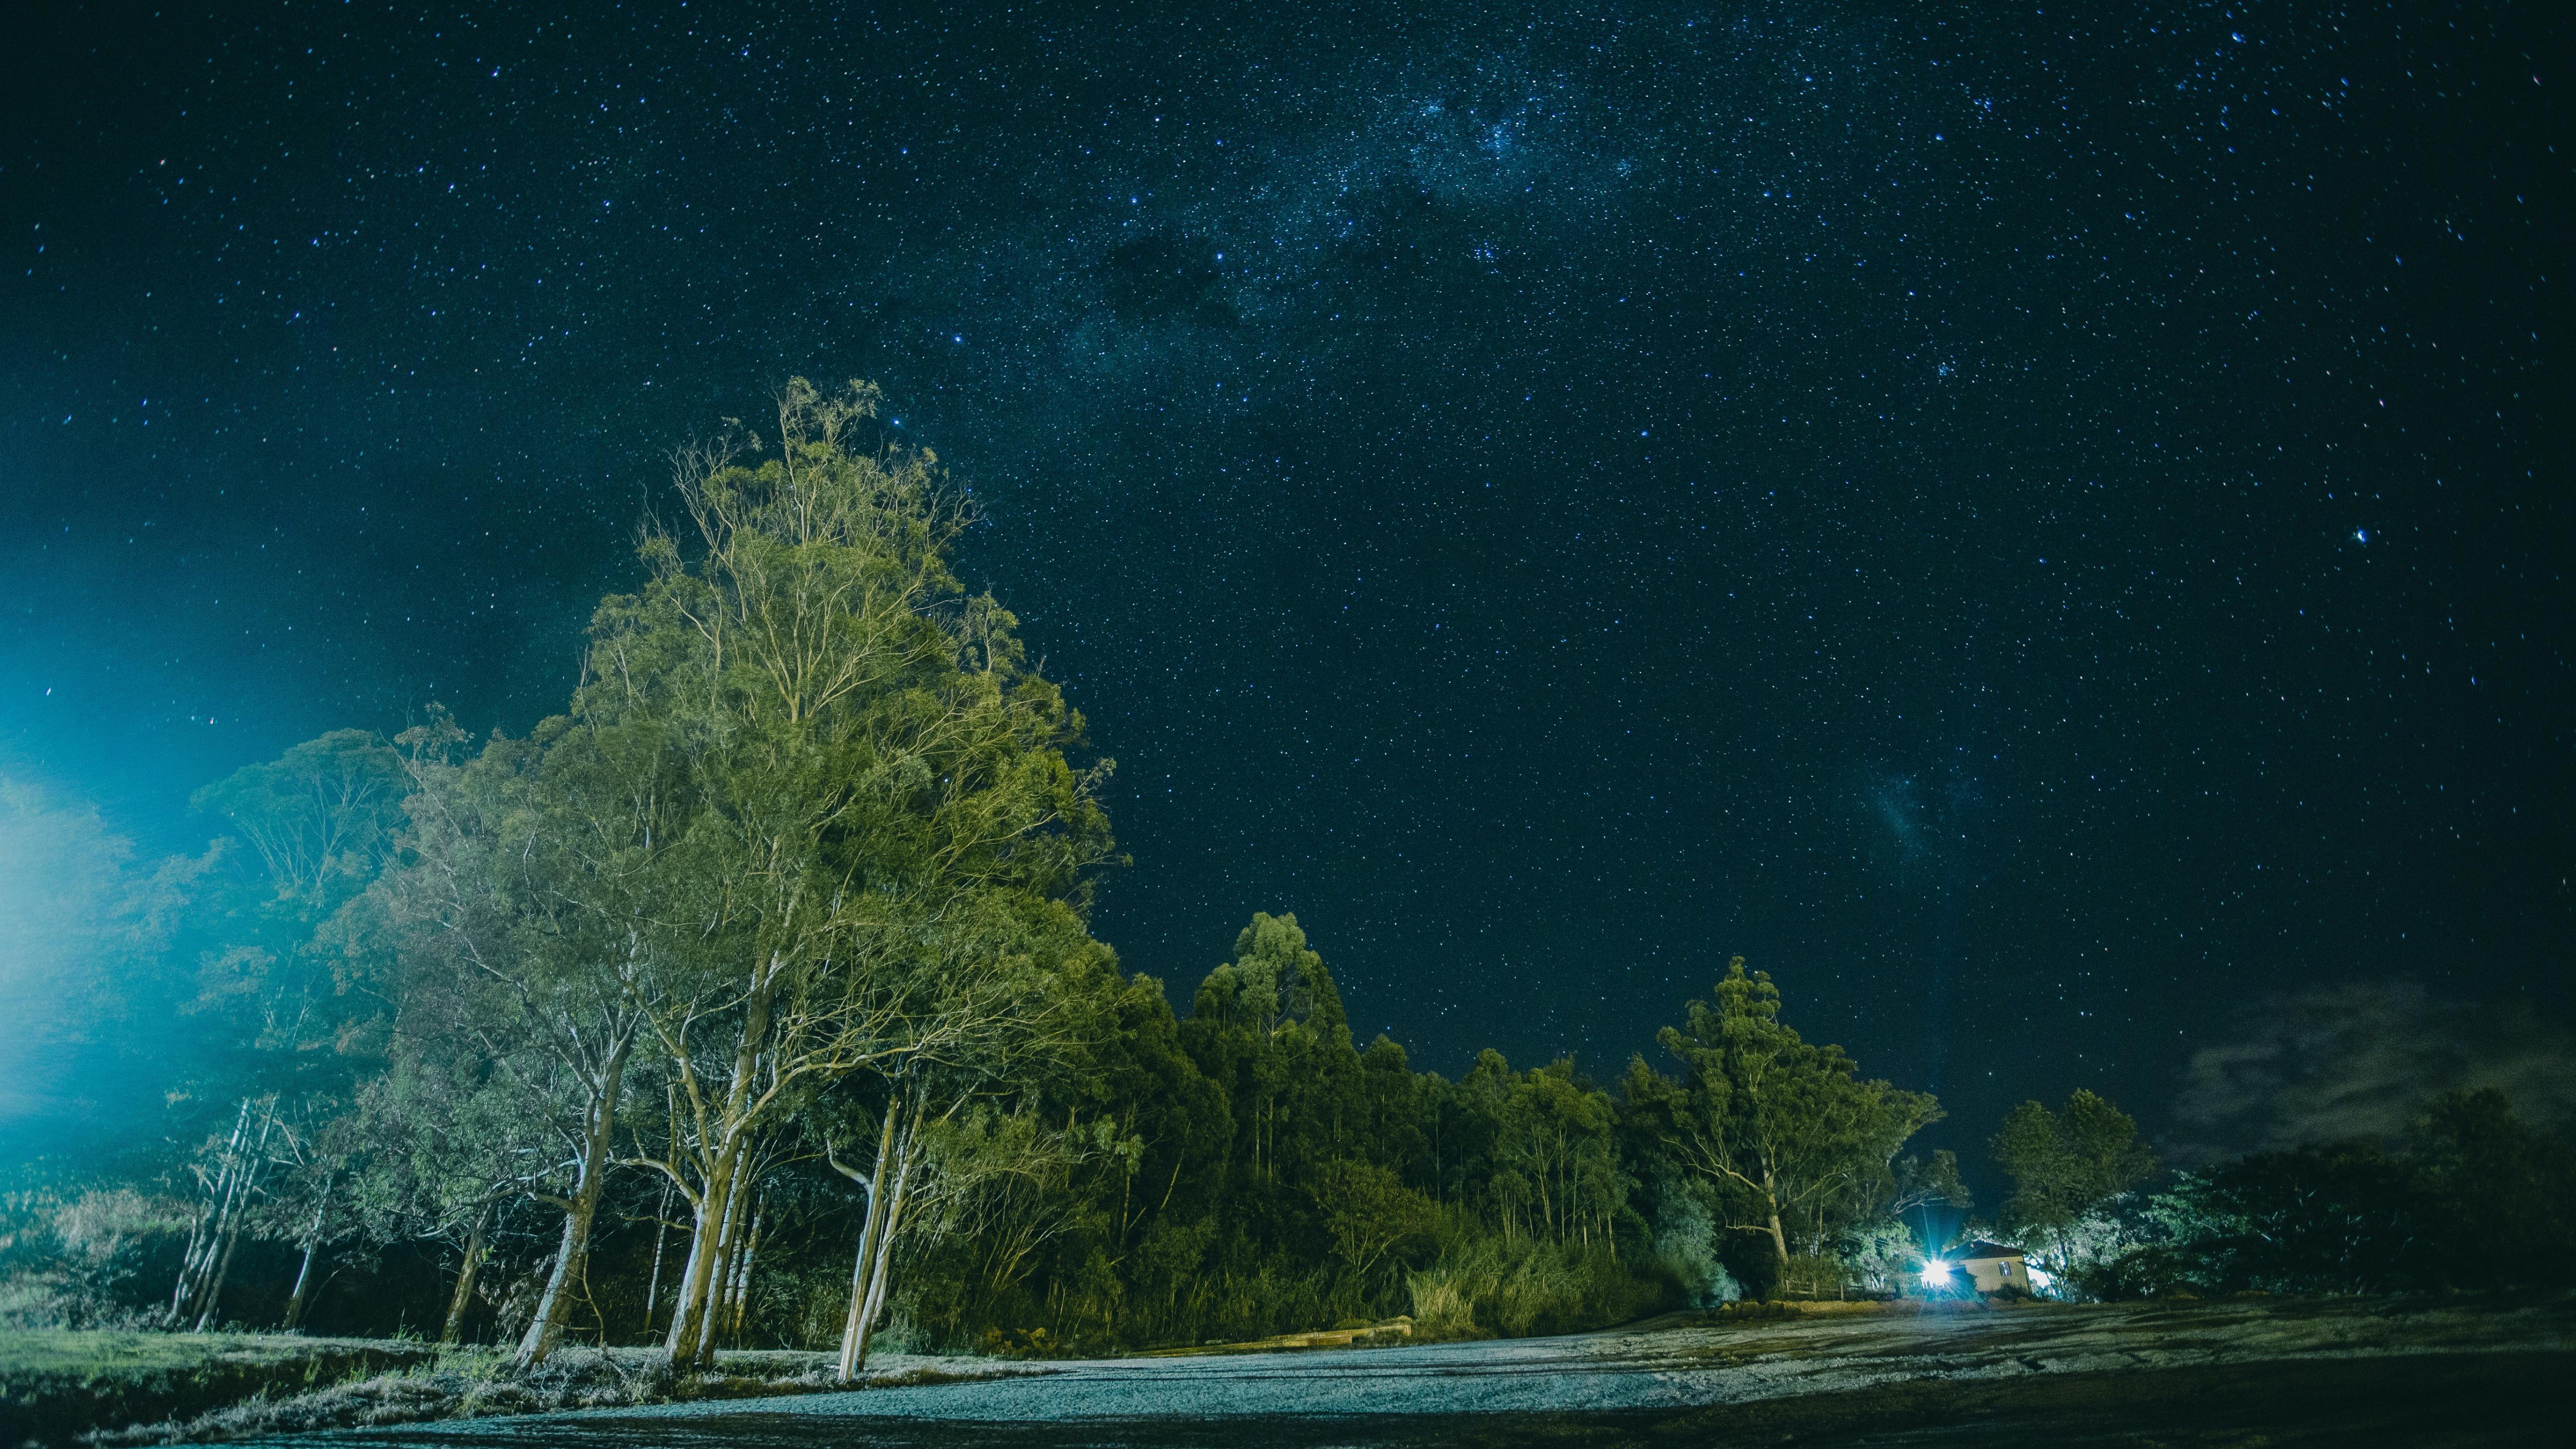 Milky way wallpaper